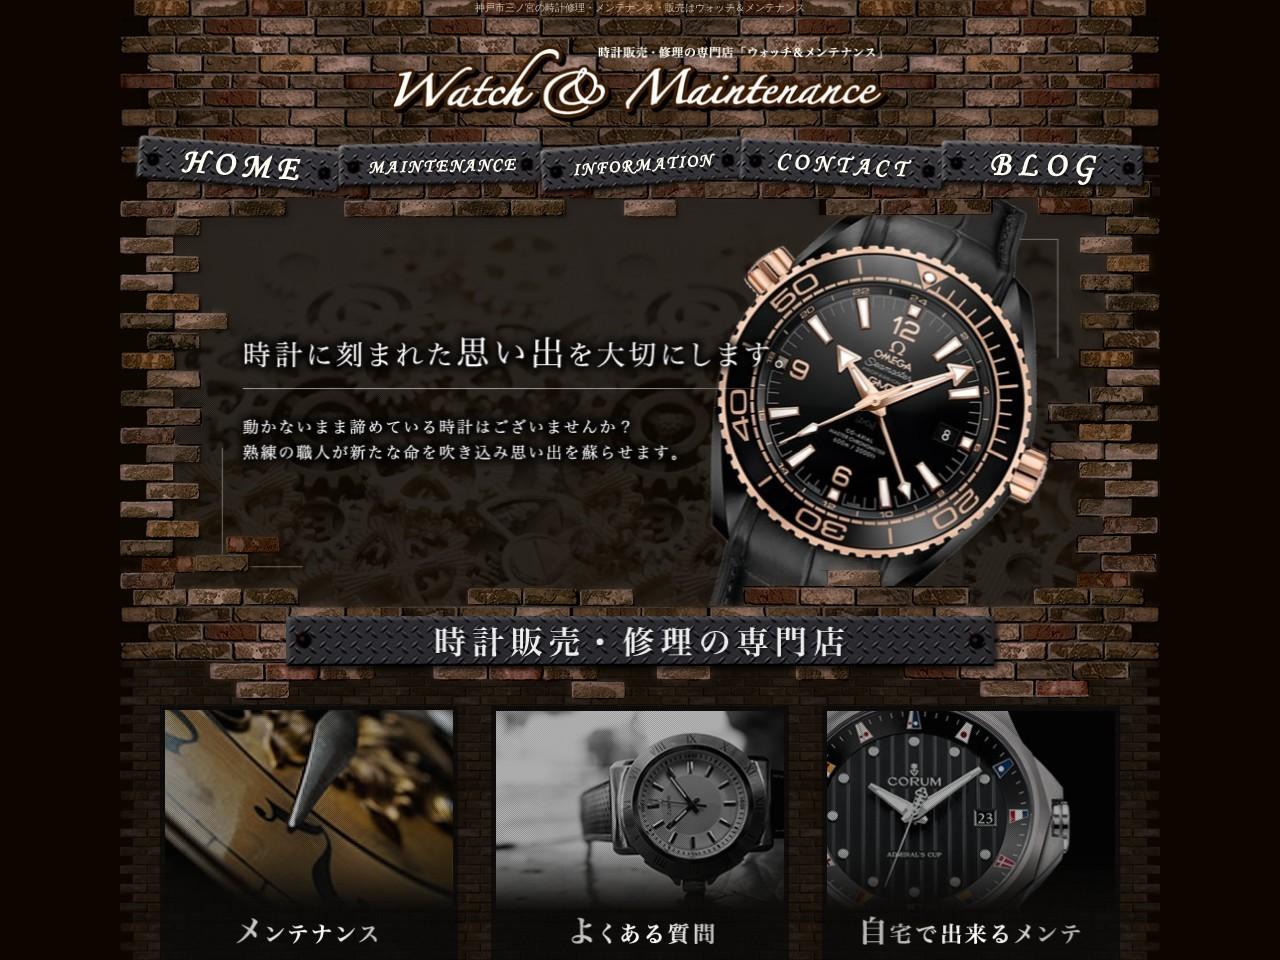 神戸市三ノ宮の時計修理・メンテナンス・販売はウォッチ&メンテナンス